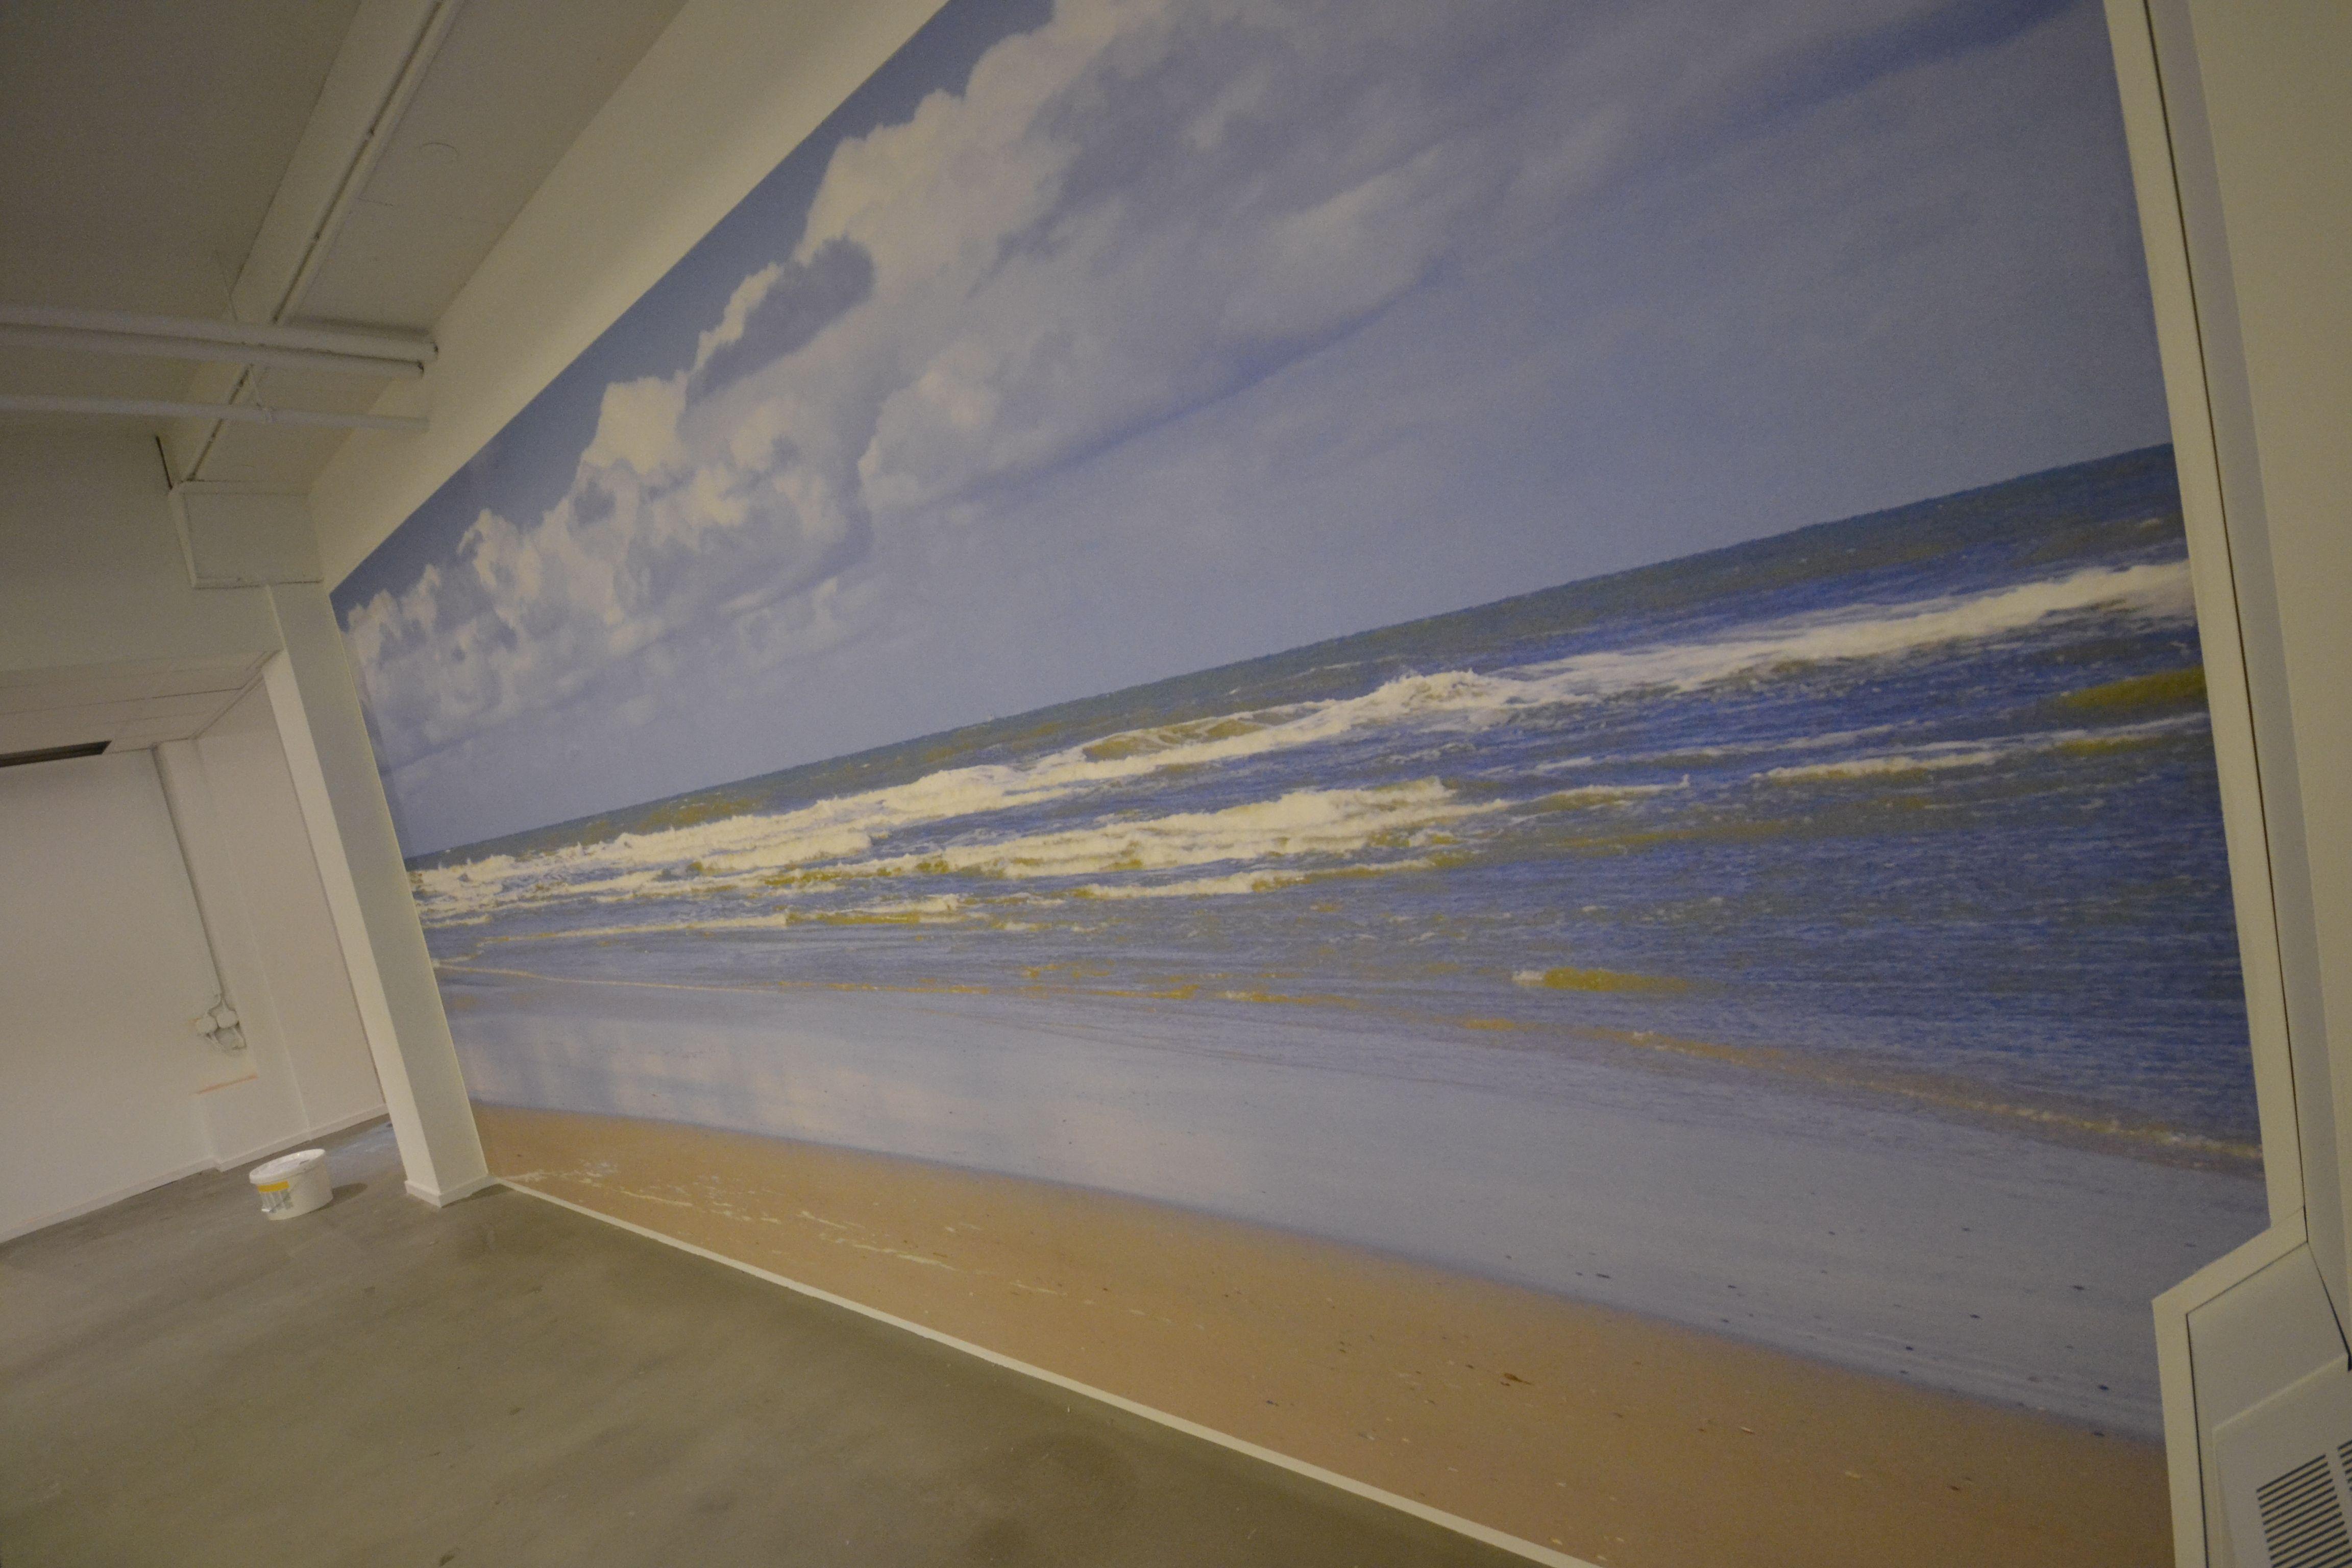 Natuur rustgevend water strand behang interieur kantoor